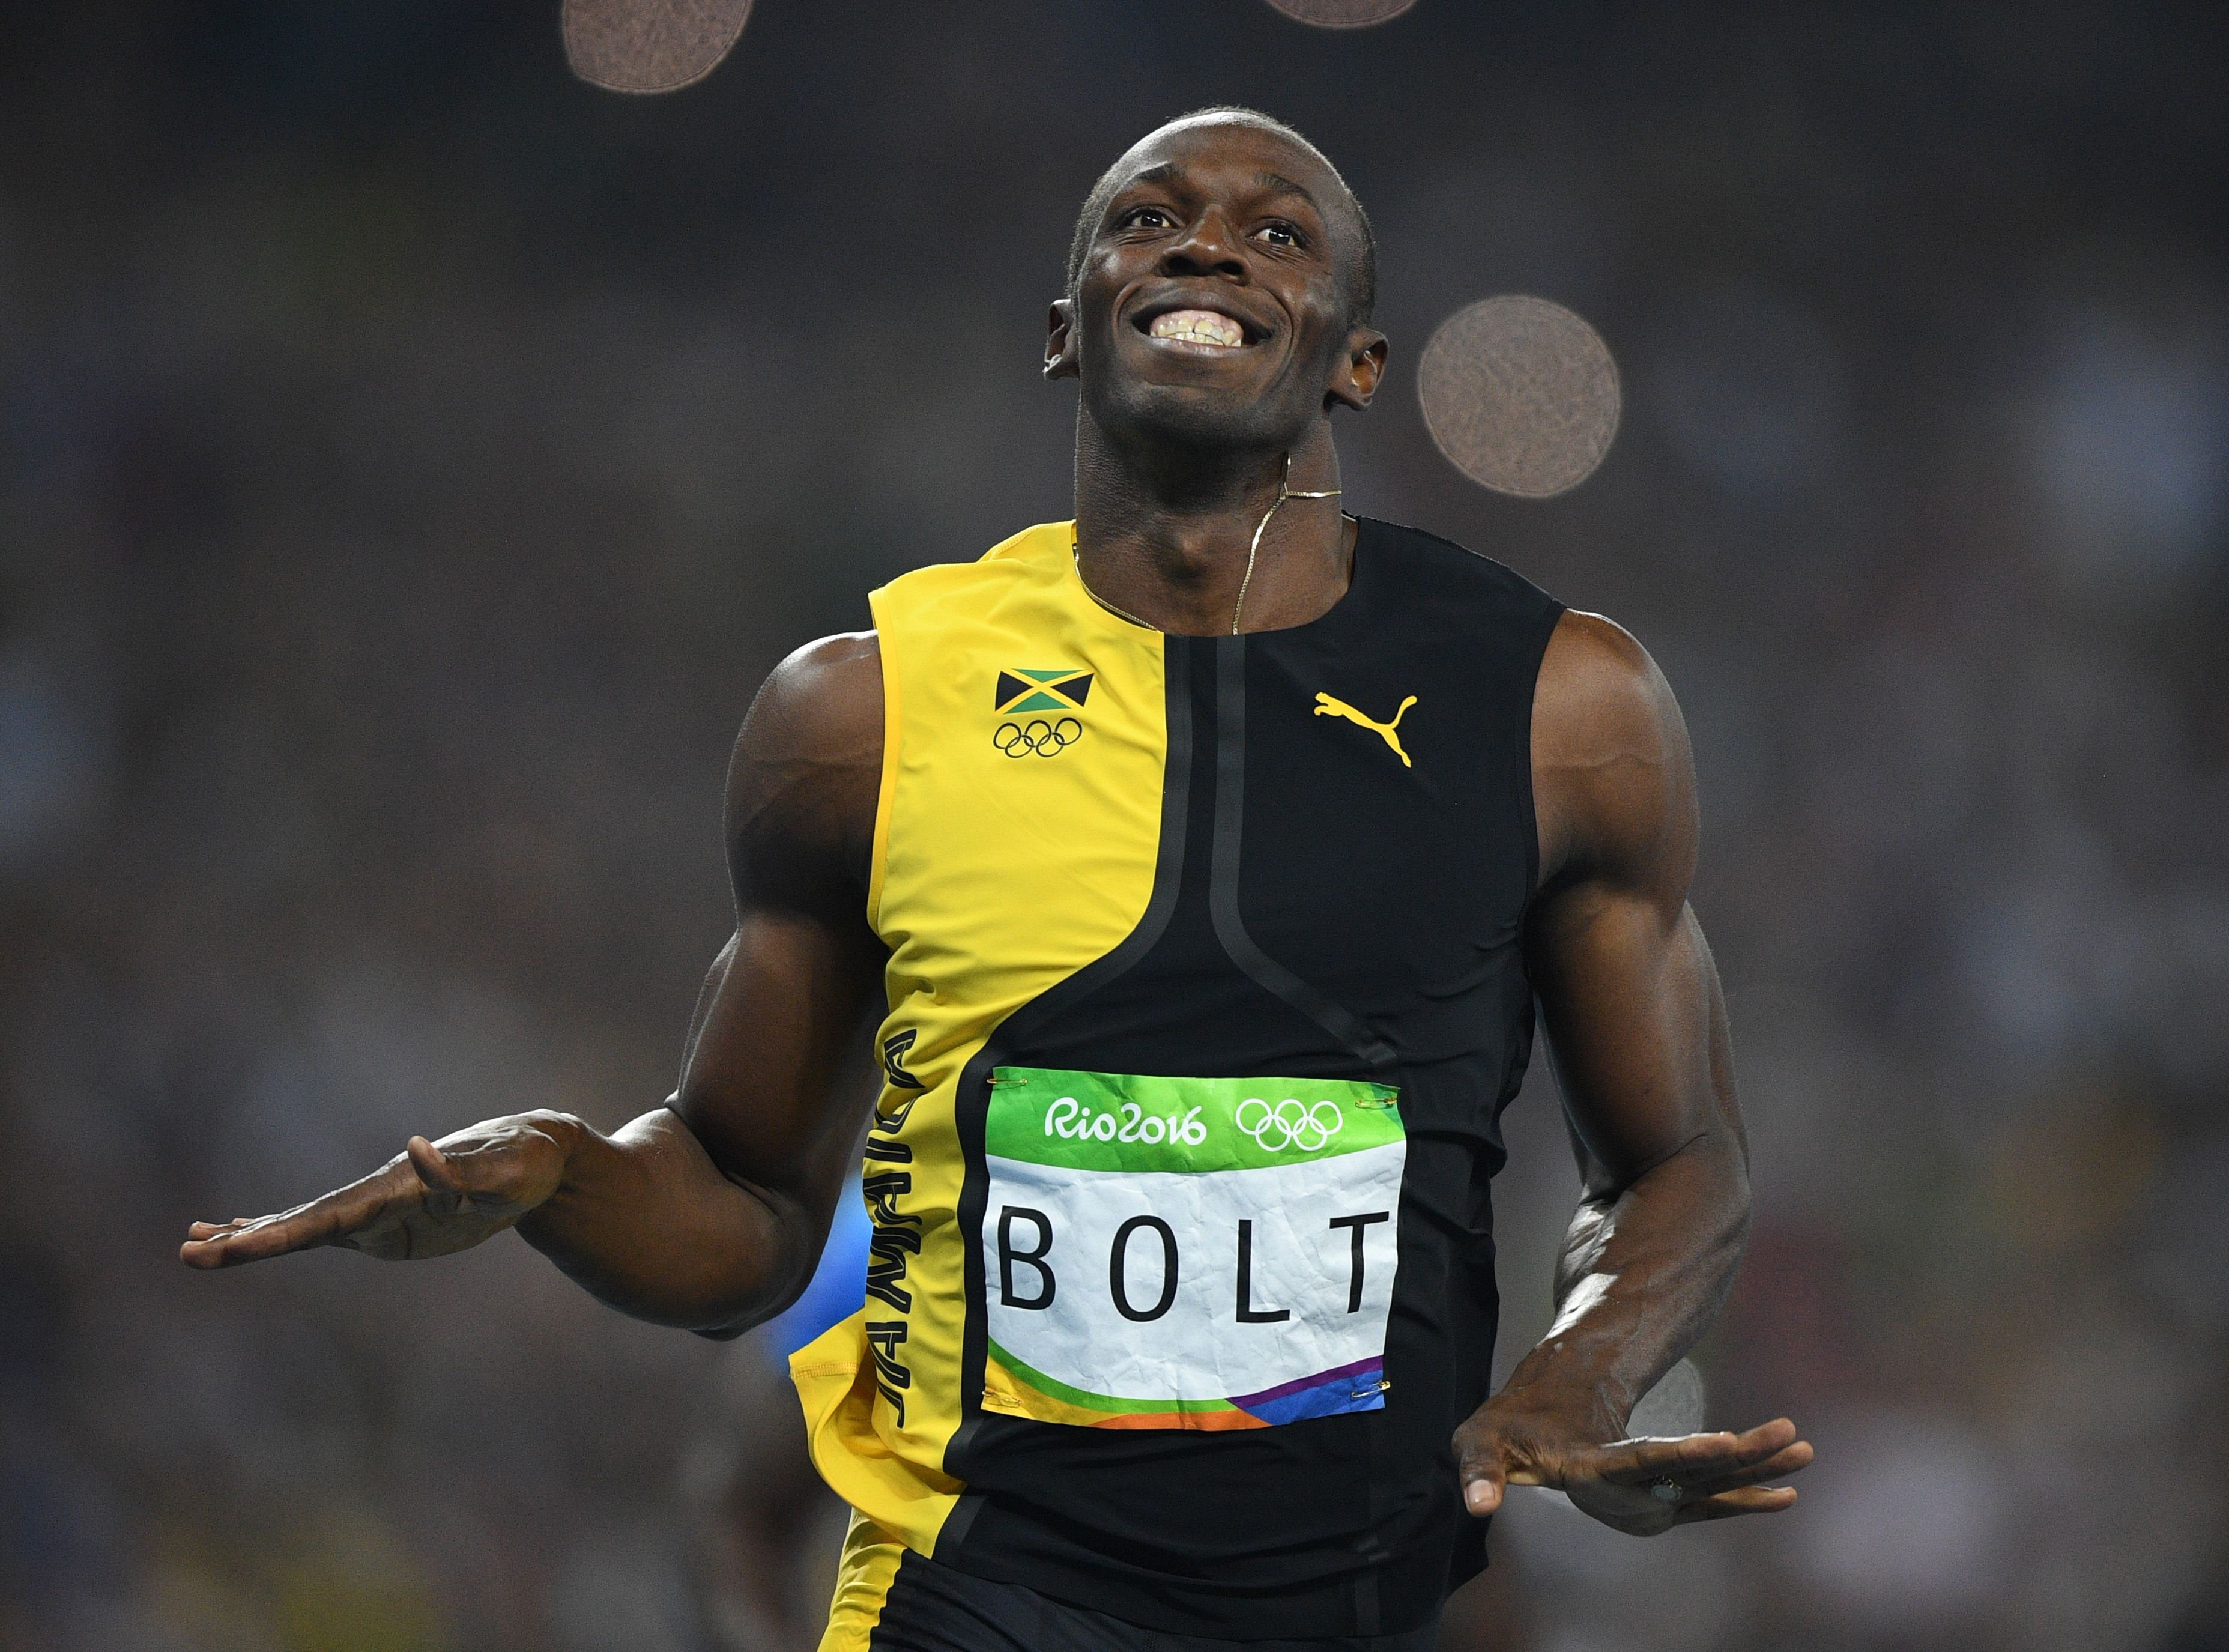 Impresionante: Usain Bolt se reafirma como el mejor de todos los tiempos con el oro en los 100 metros llanos